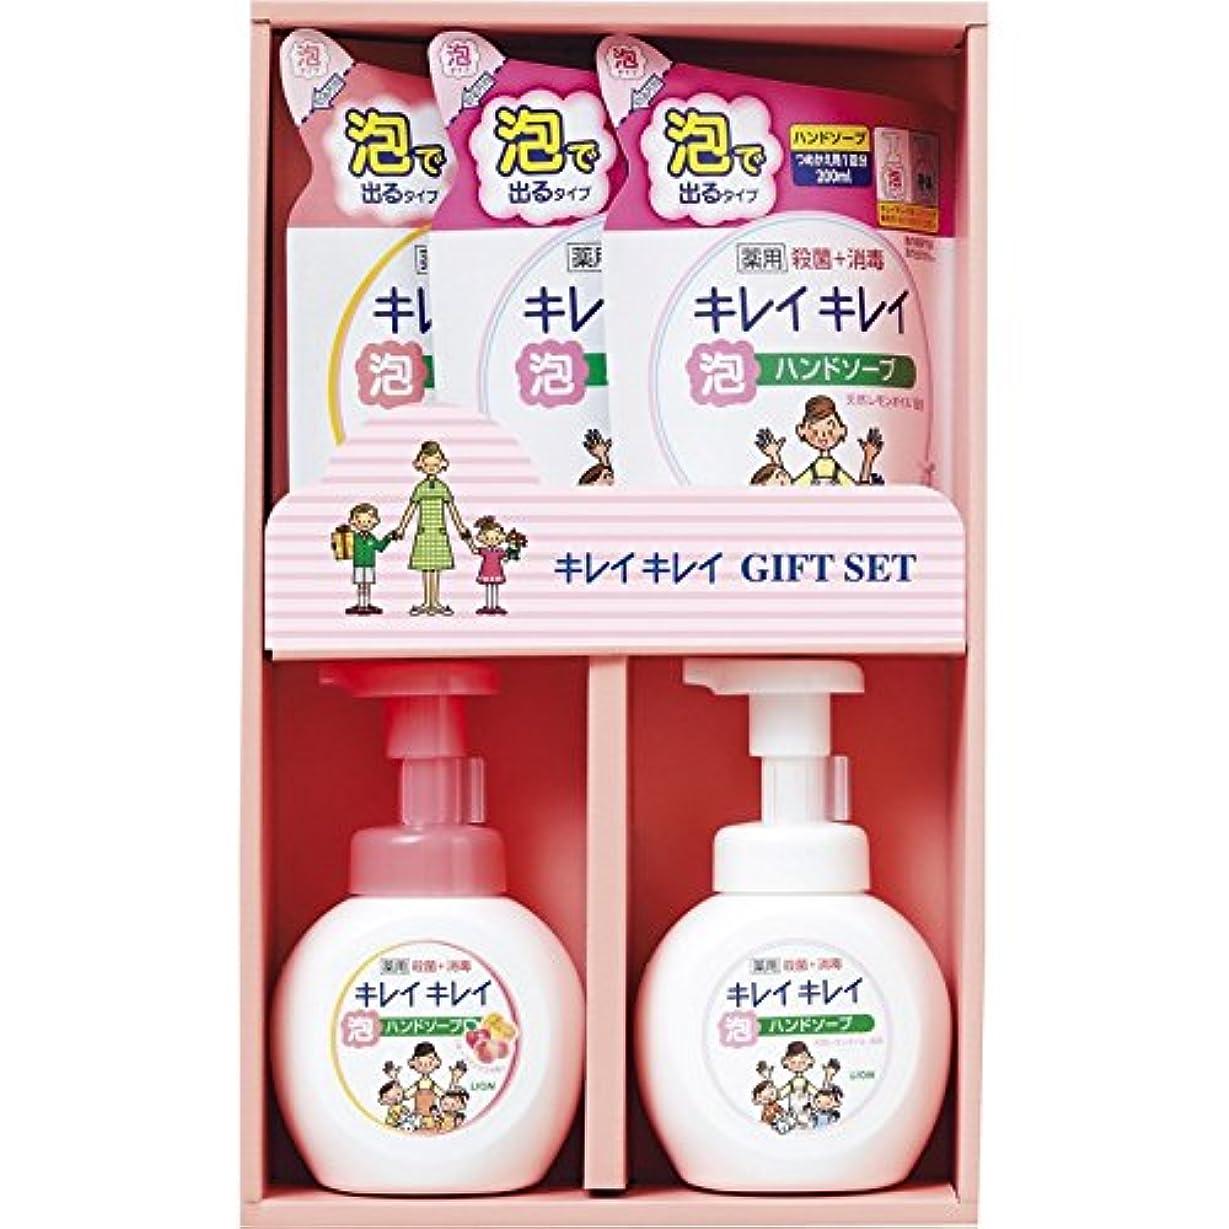 ショッピングセンターいうリフレッシュライオン キレイキレイギフトセット LKG-20S 【いい香り 肌に優しい 良い匂い ハンドソープ 詰め替え 泡 ボトル 手洗い 風邪予防 殺菌効果 子供向け 汚れ 除菌 手に優しい 日本製 薬用】